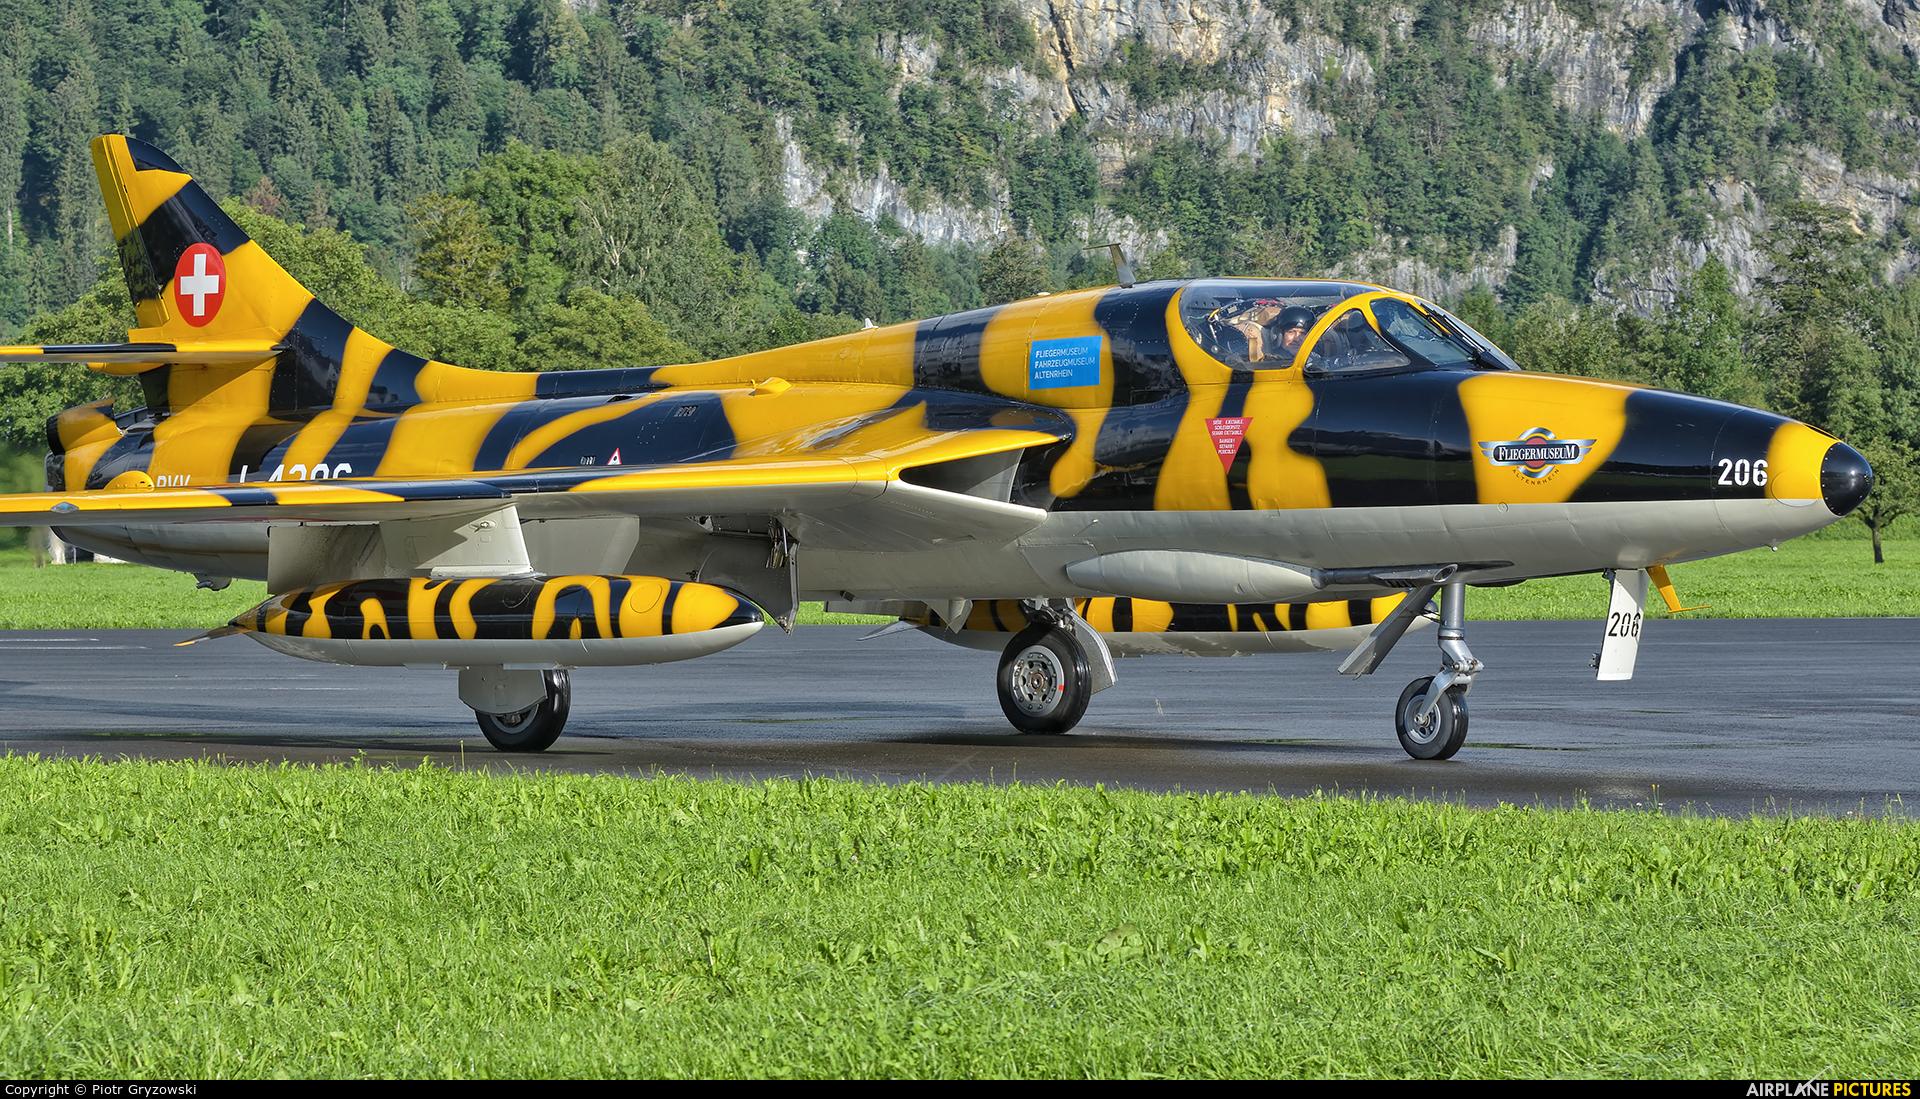 FFA Museum HB-RVV aircraft at Mollis